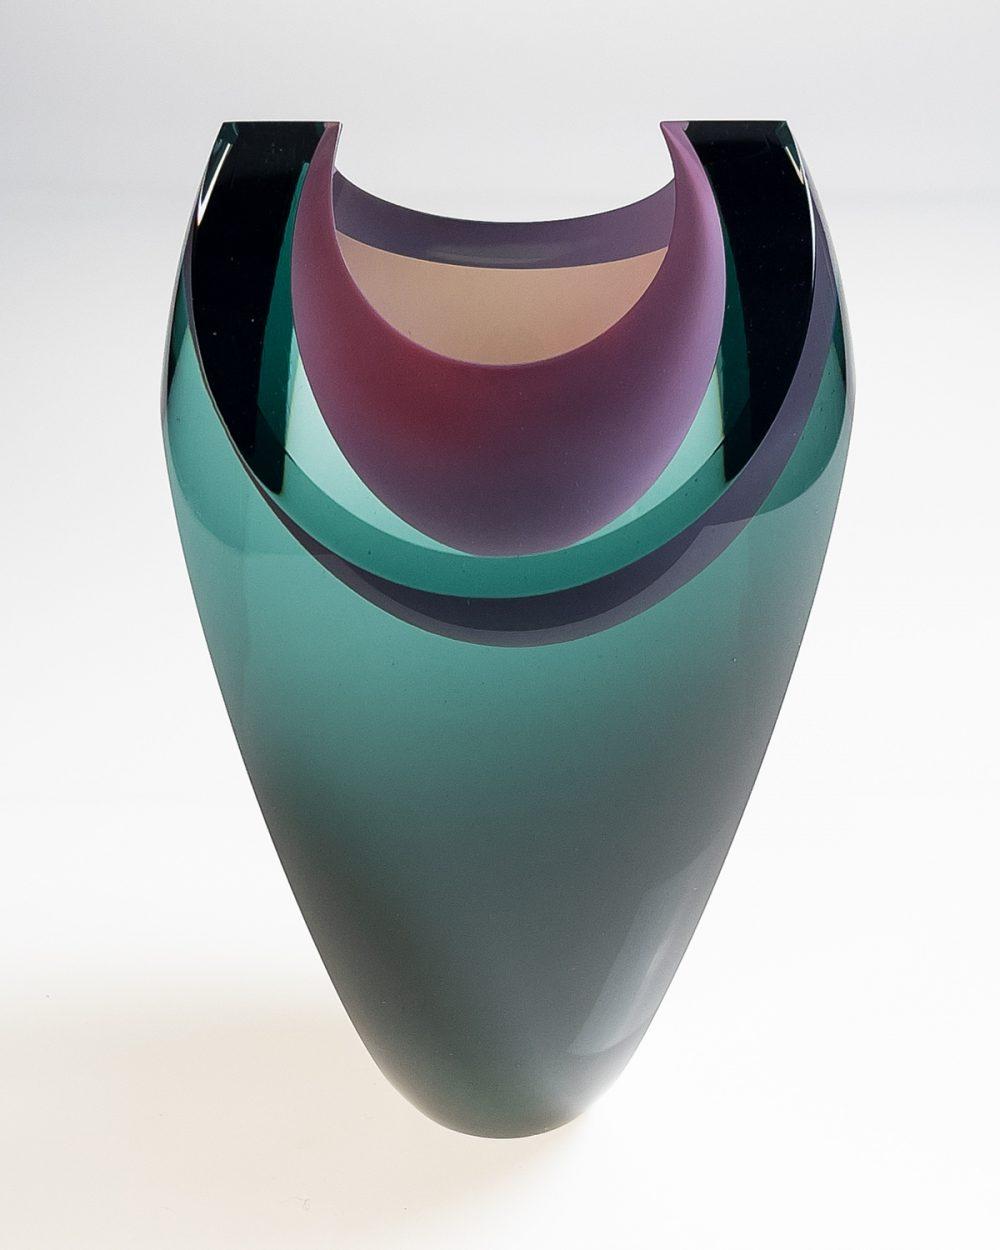 Blown Glass Sculpture by Nikki Williams